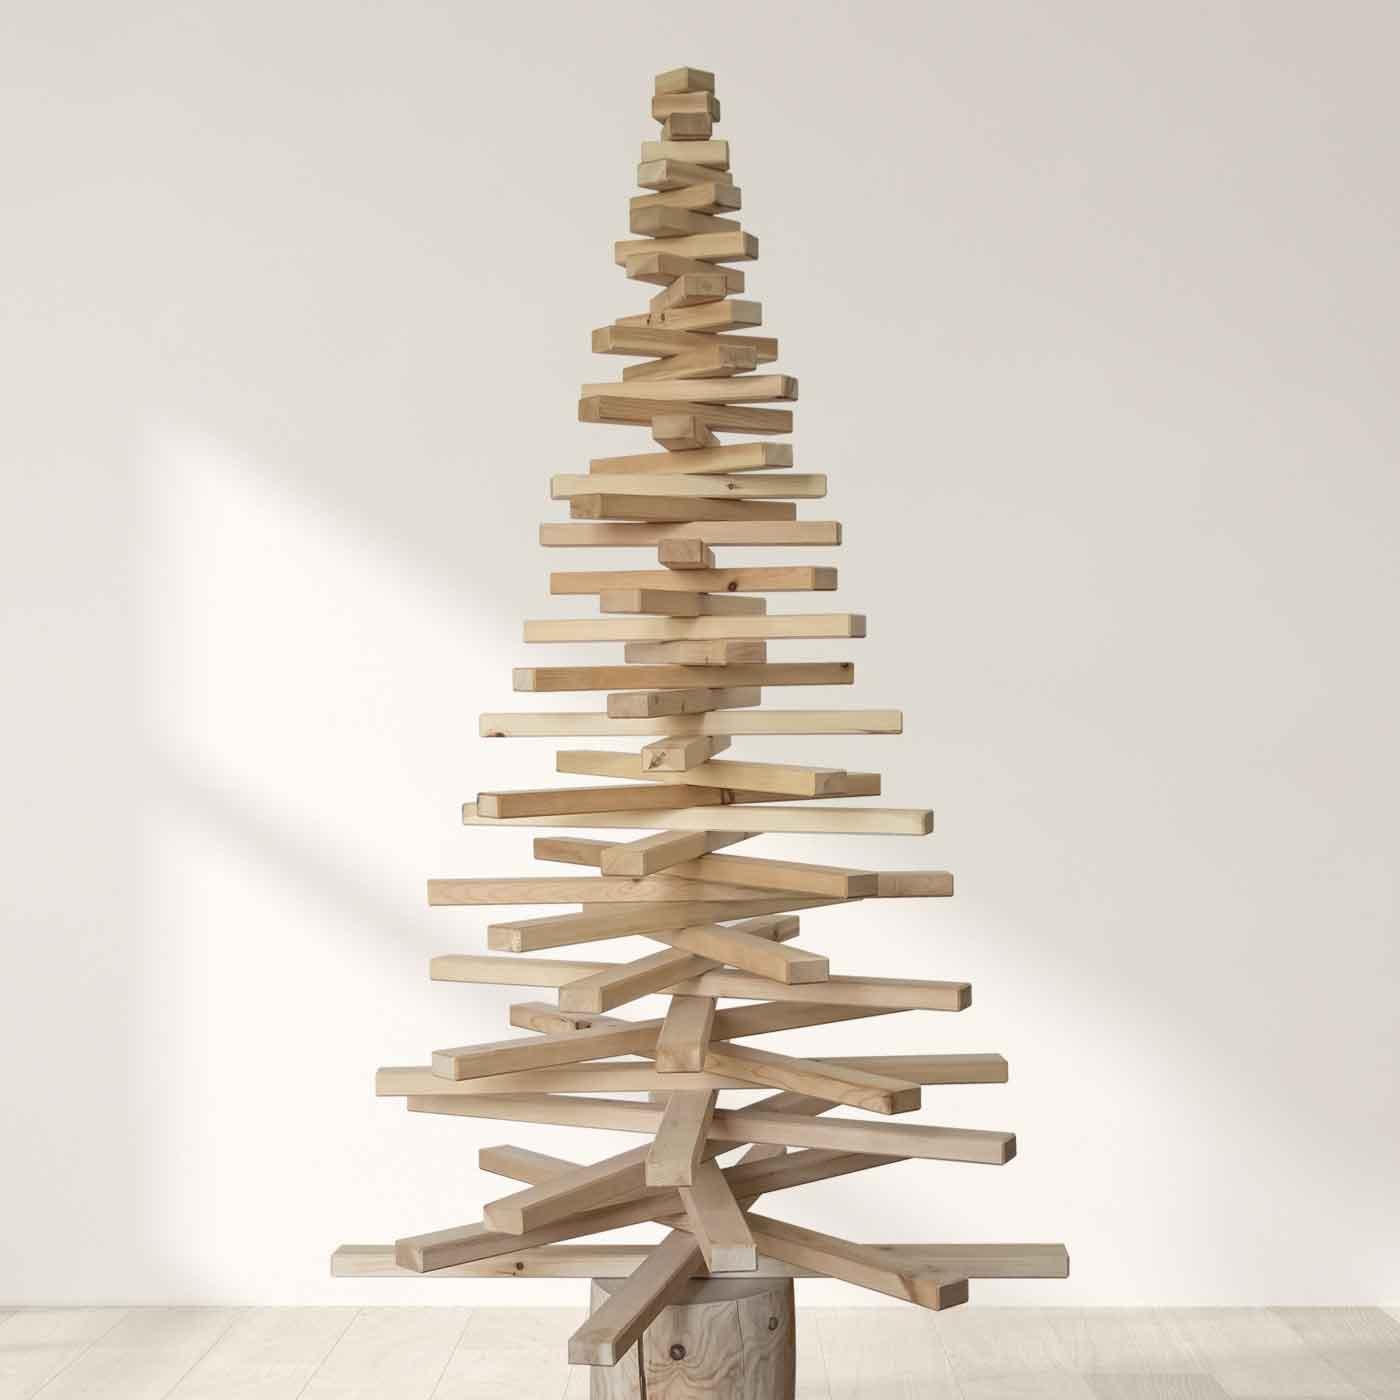 Nachhaltiger Weihnachtsbaum aus Zirben Holz by abacab design